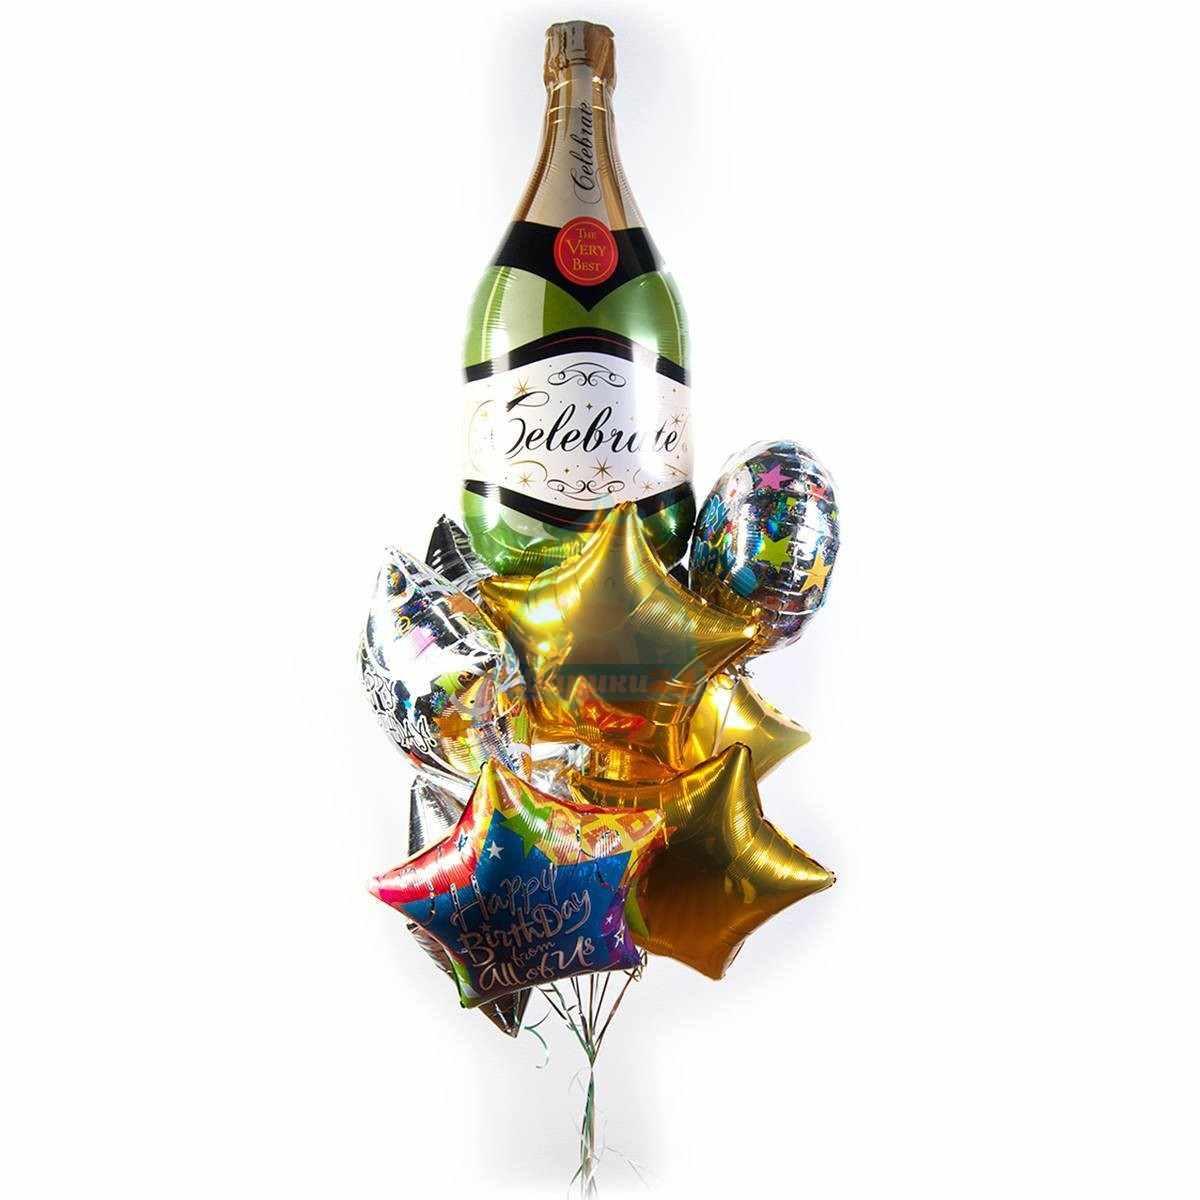 Букет на день рождения с шампанским и звездами фото в интернет-магазине Шарики 24